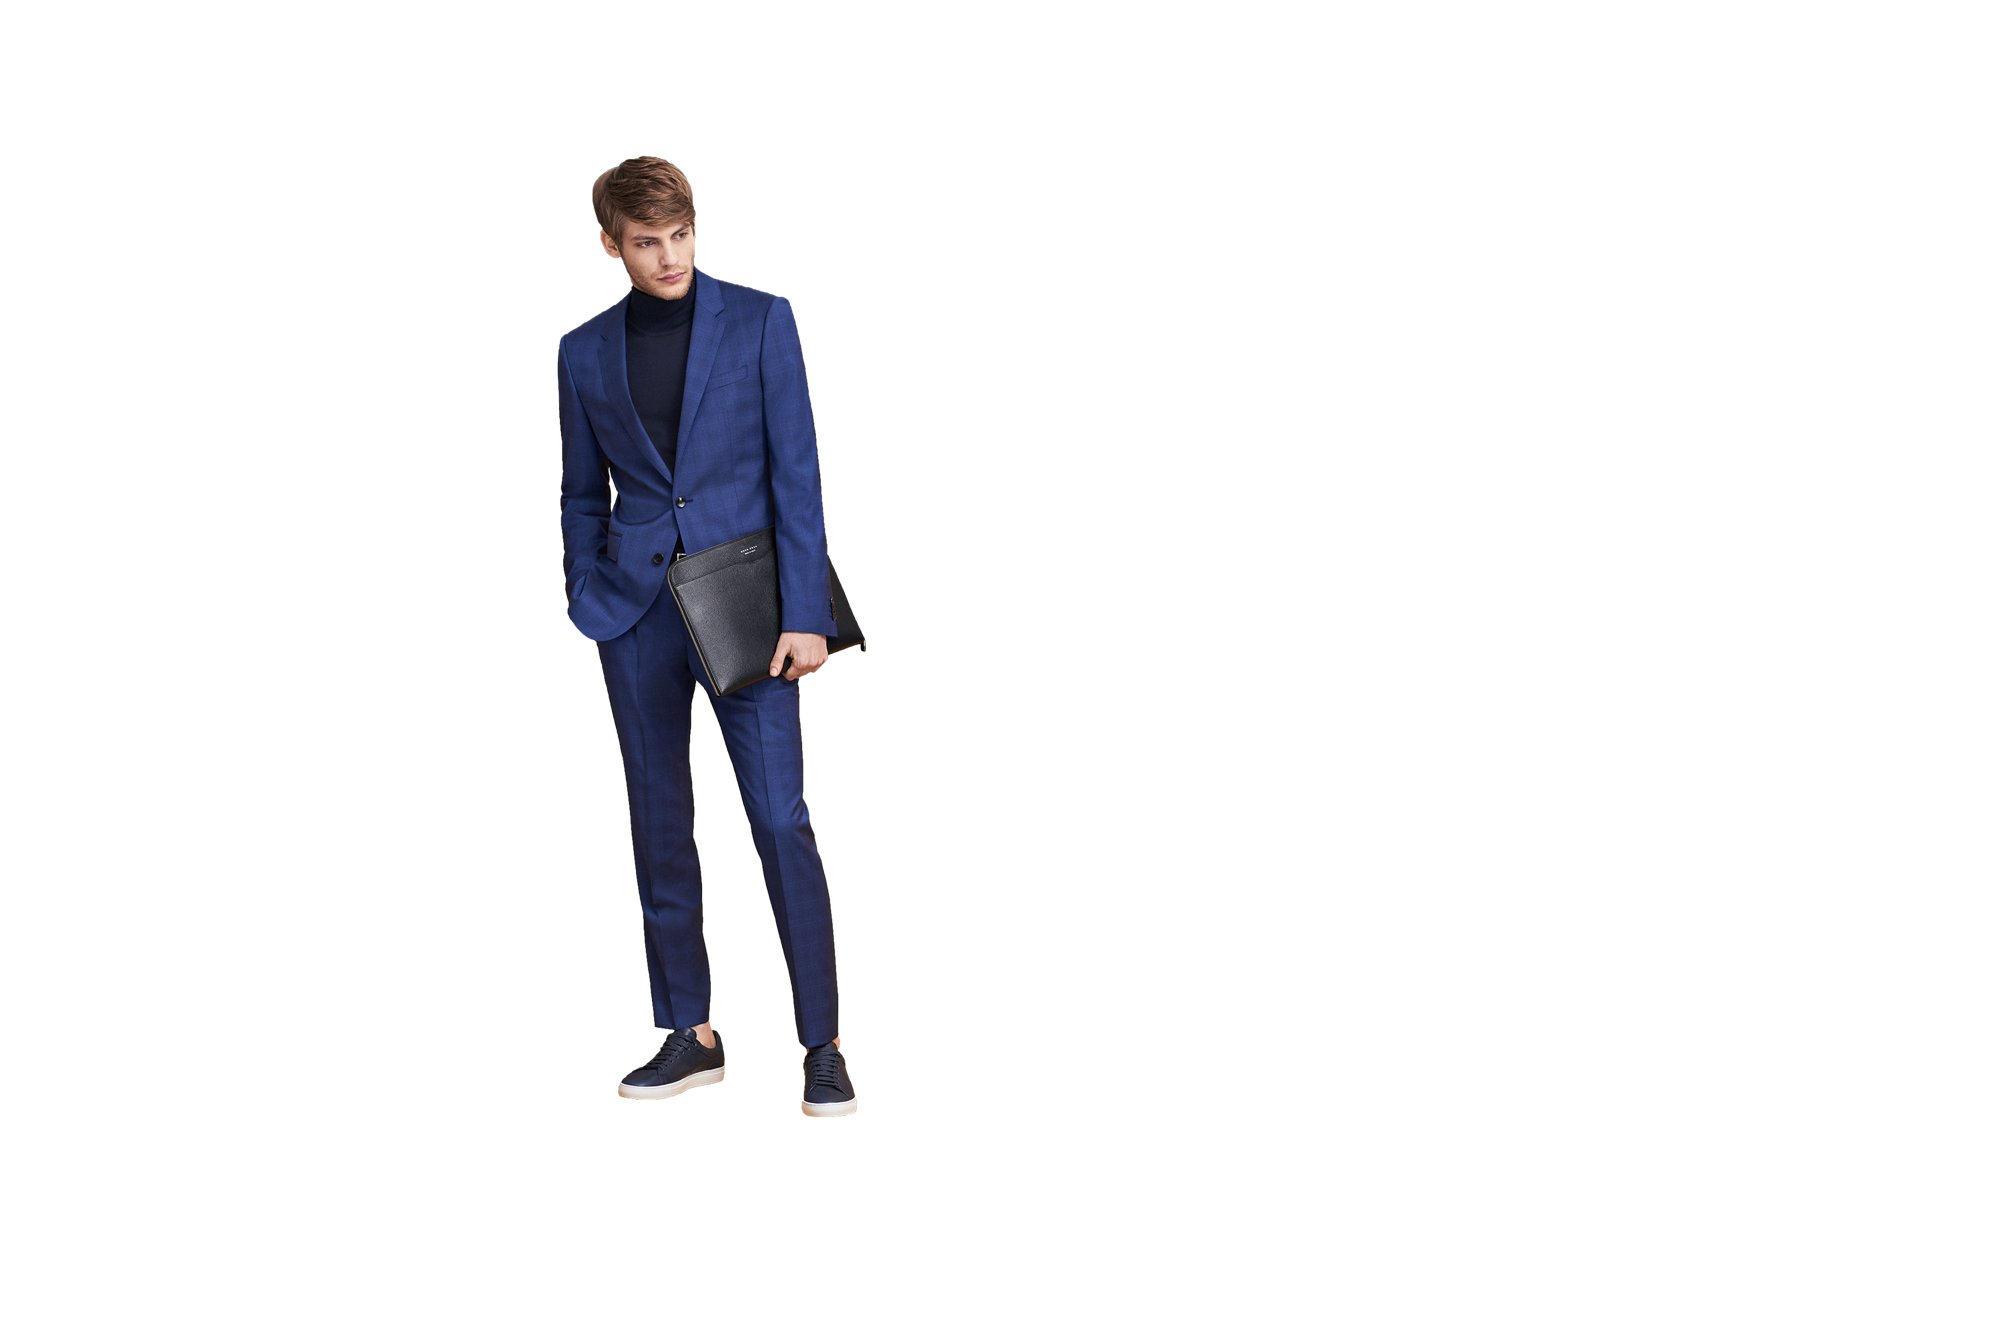 Schwarze Tasche, blauer Anzug, Rollkragenpullover und Schuhe von BOSS